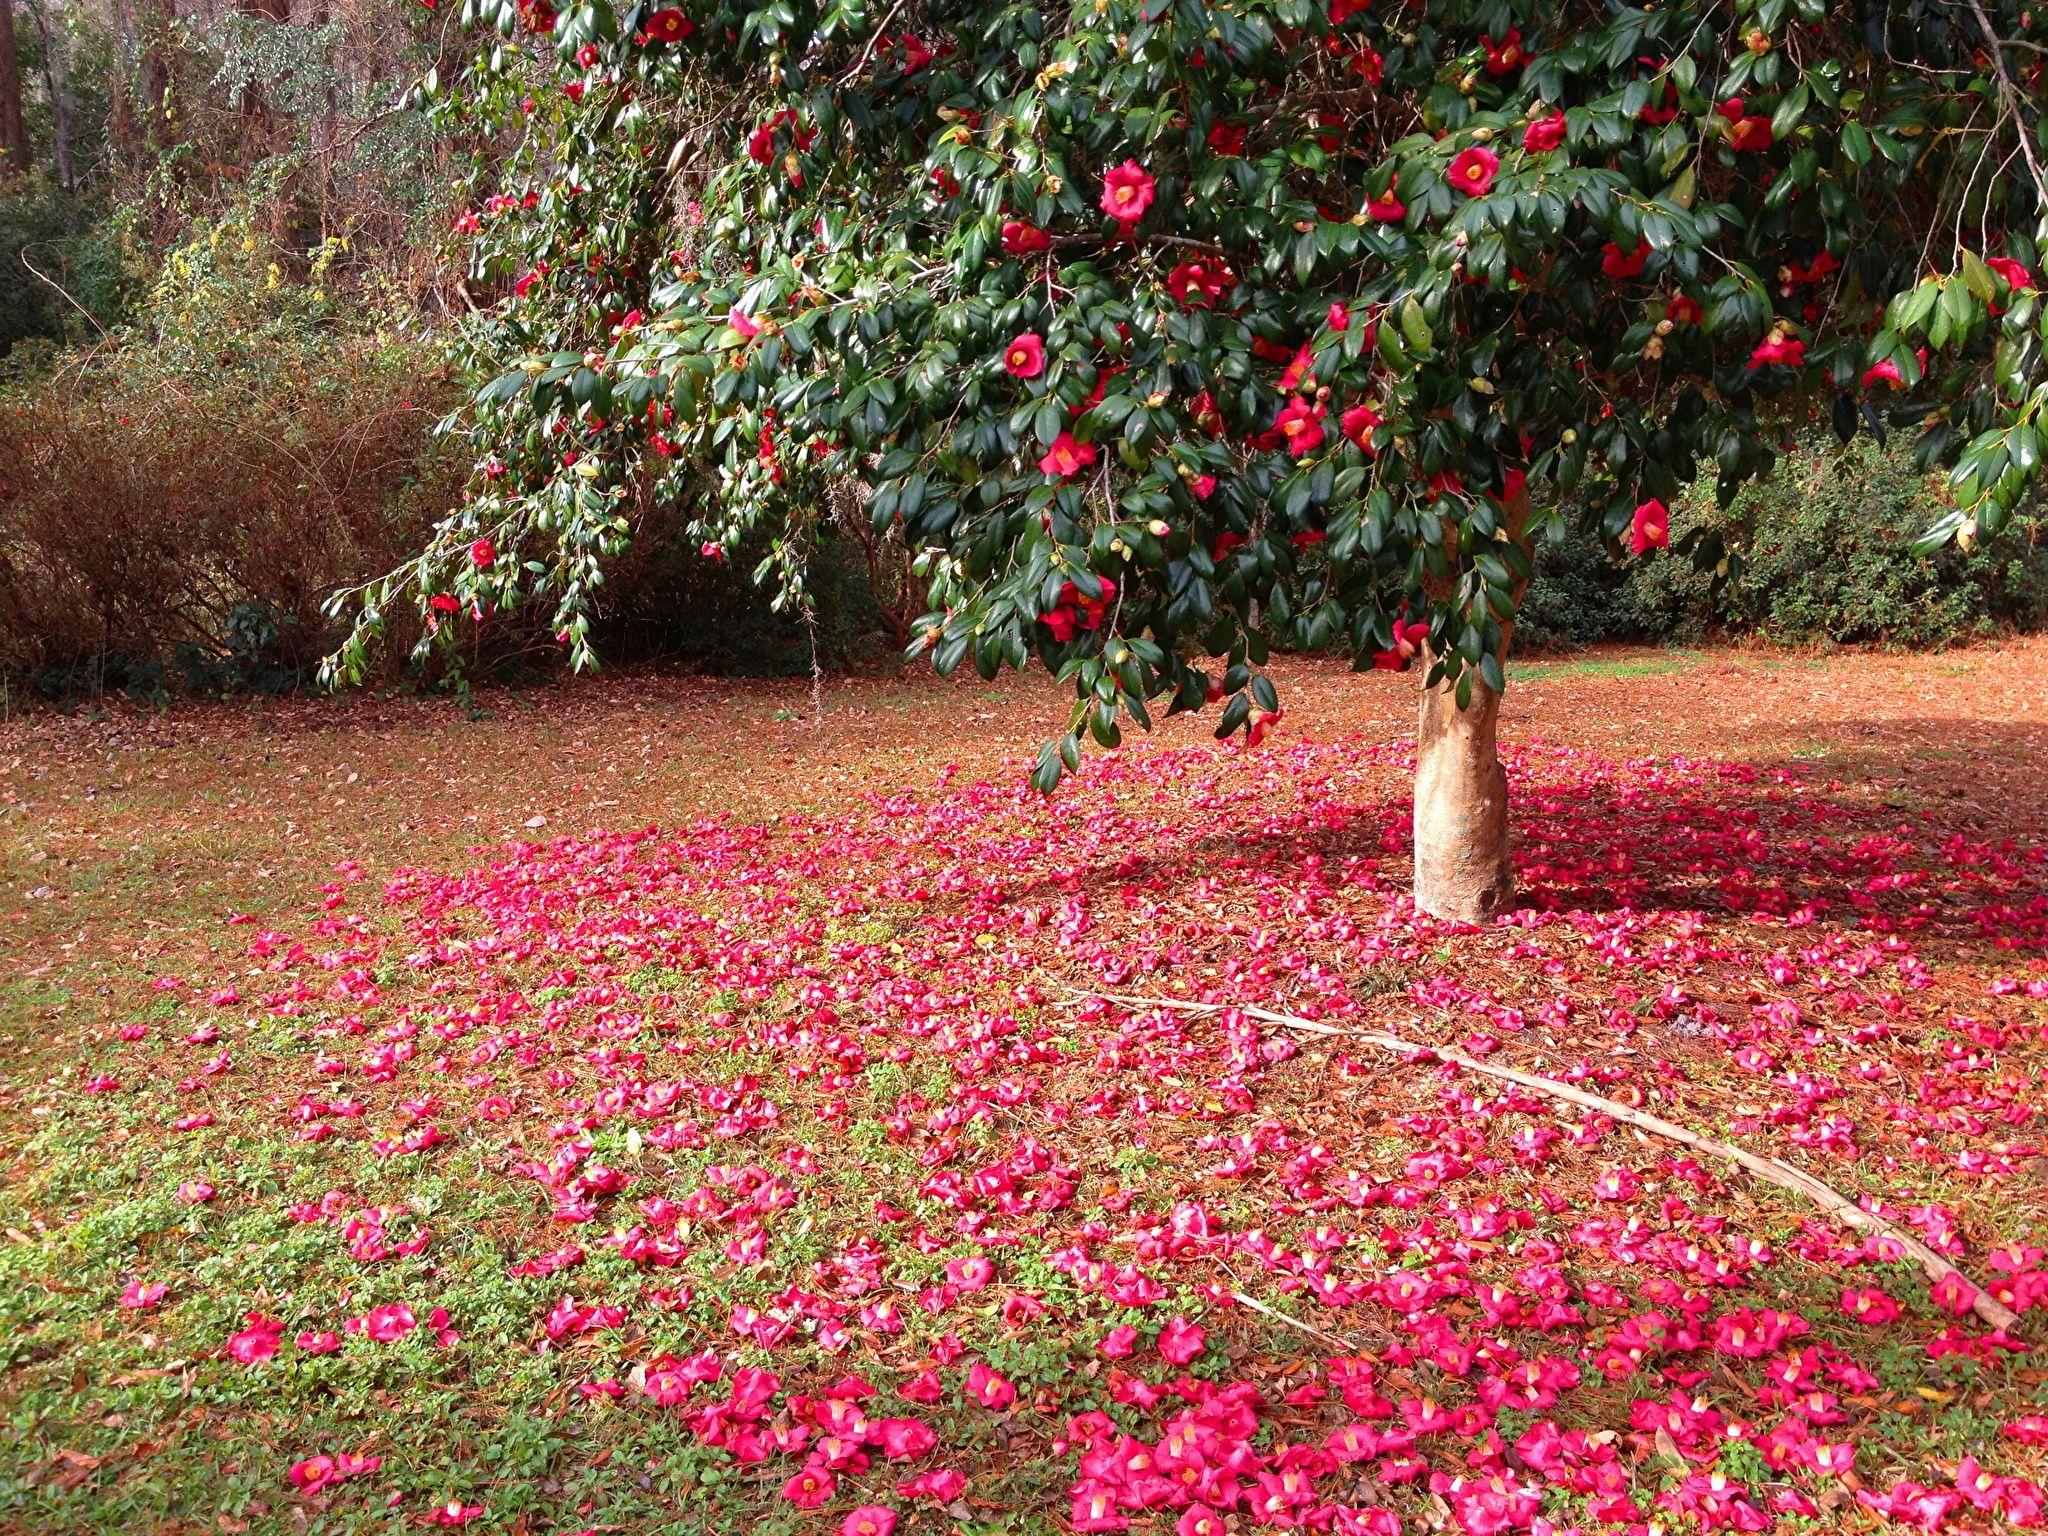 сегодняшний фото красивый розы в лес то, что вакцина